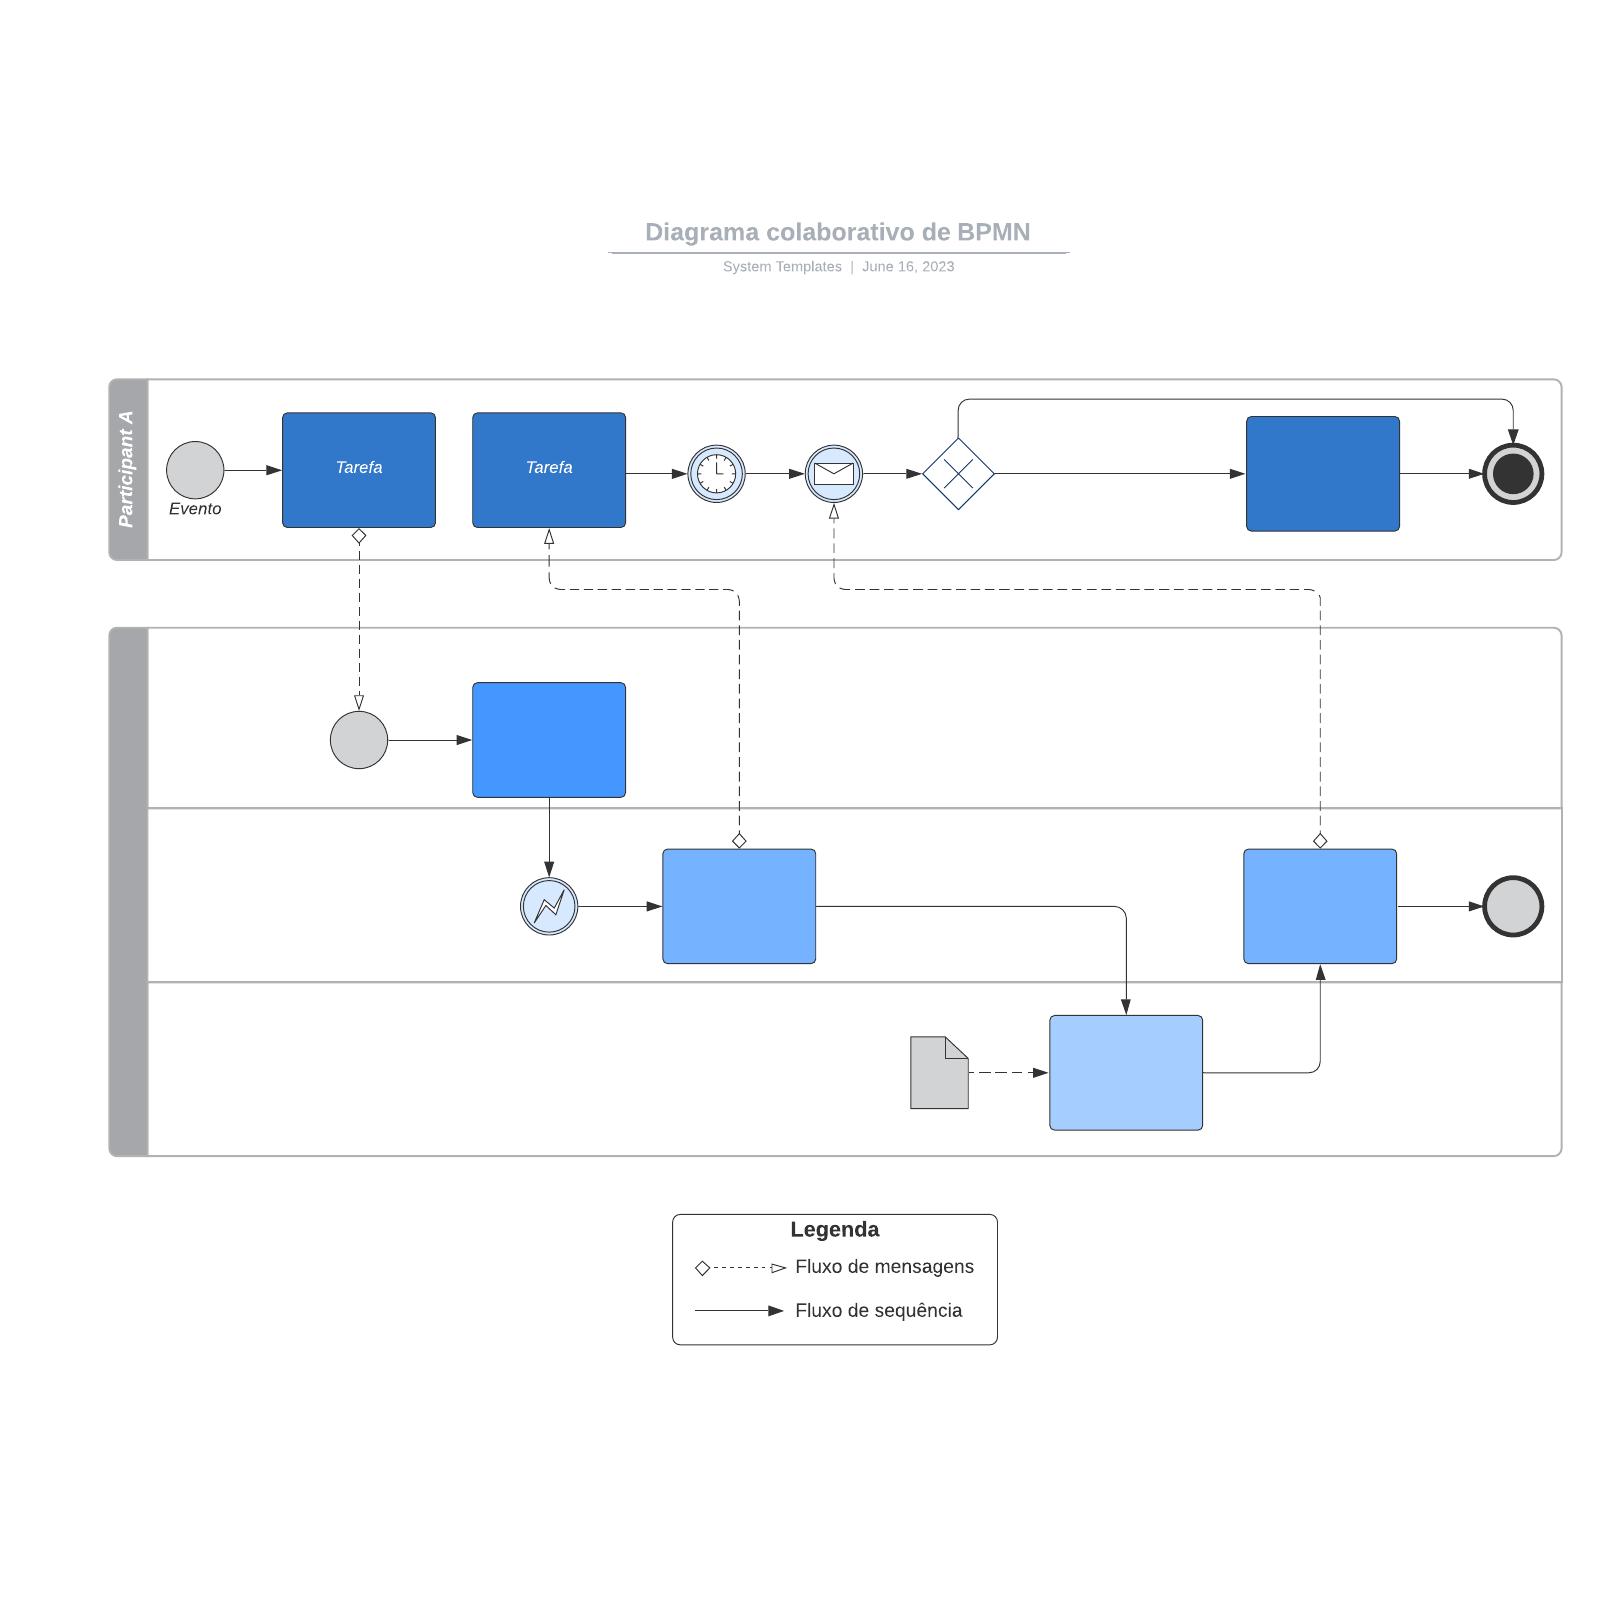 Diagrama colaborativo de BPMN